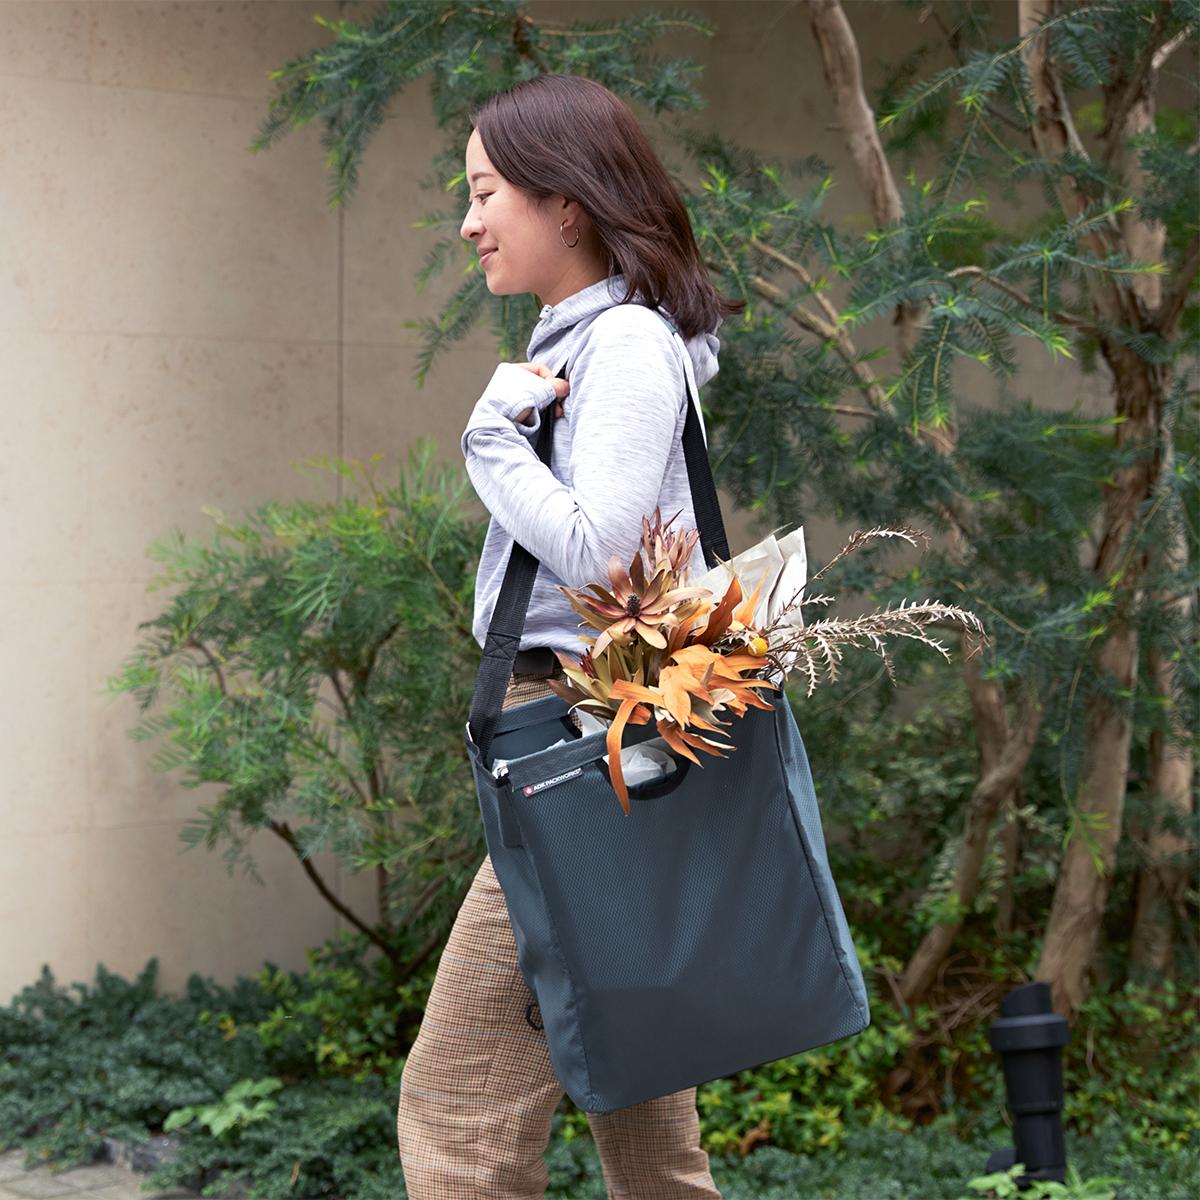 買い物をこんなにラクにしてくれる。たためる金属フレーム入り!自立するから、柔らかいパンや葉物野菜、花を潰さない「箱型エコバッグ」|ADK Packworks